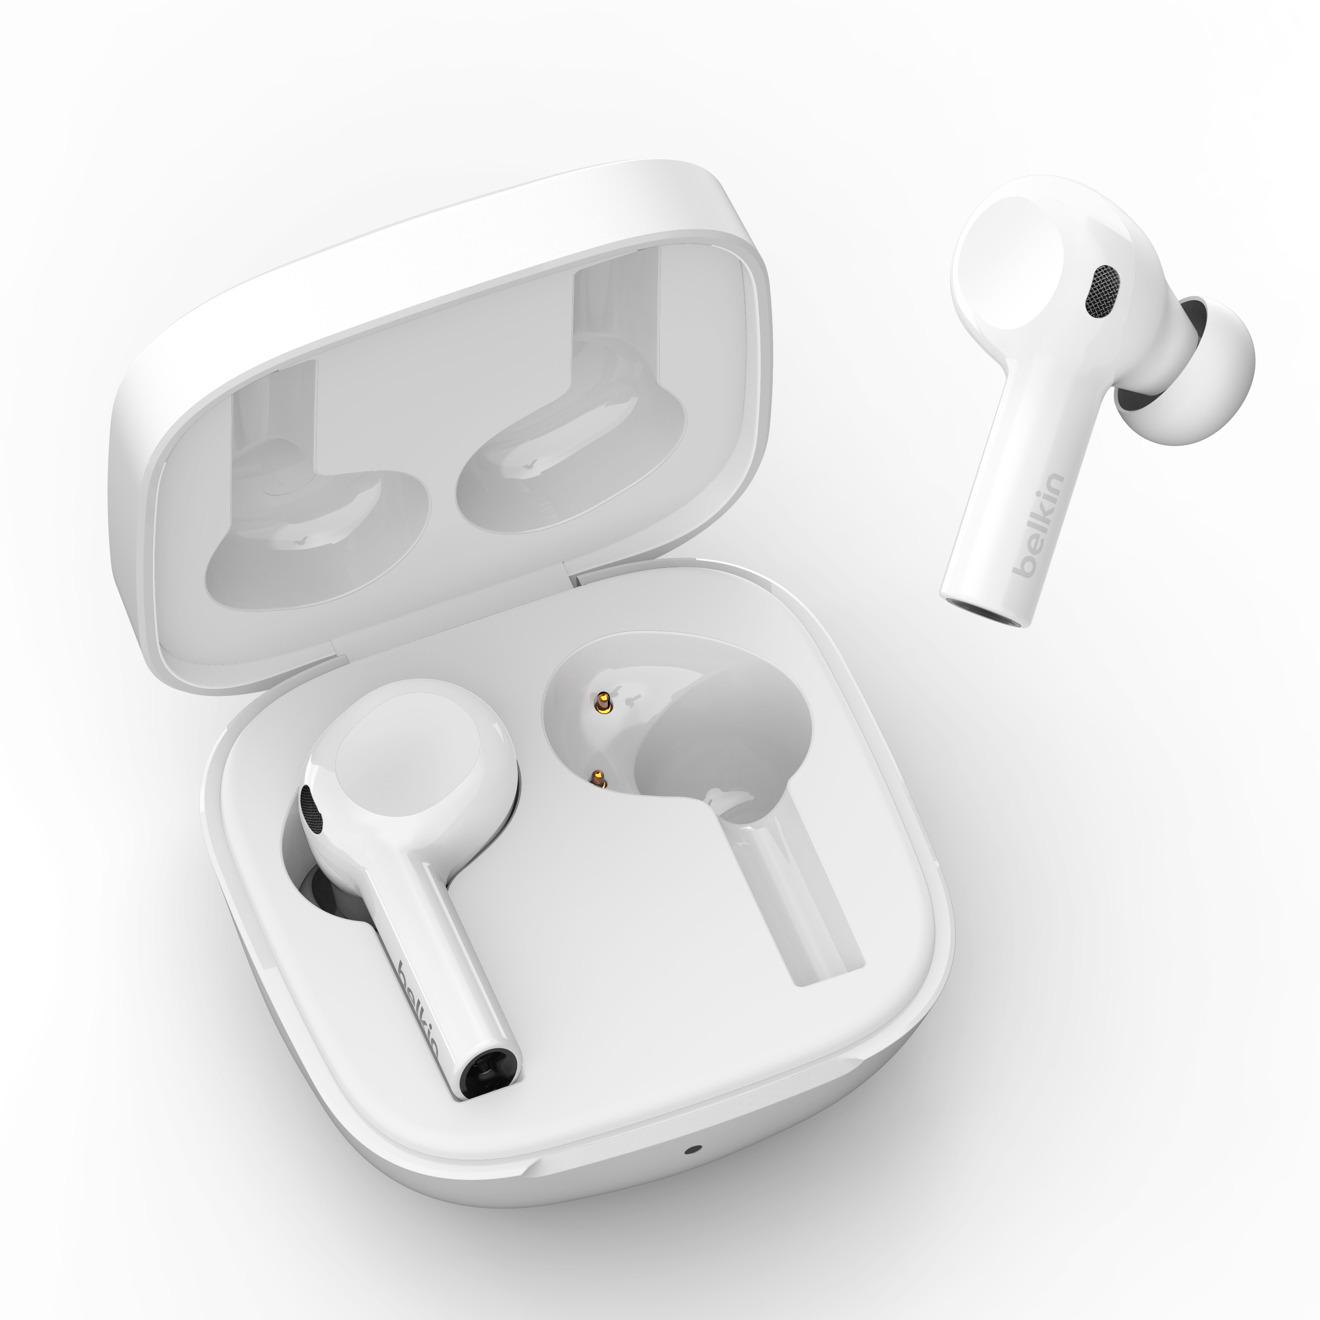 Audífonos inalámbricos SoundForm Freedom True